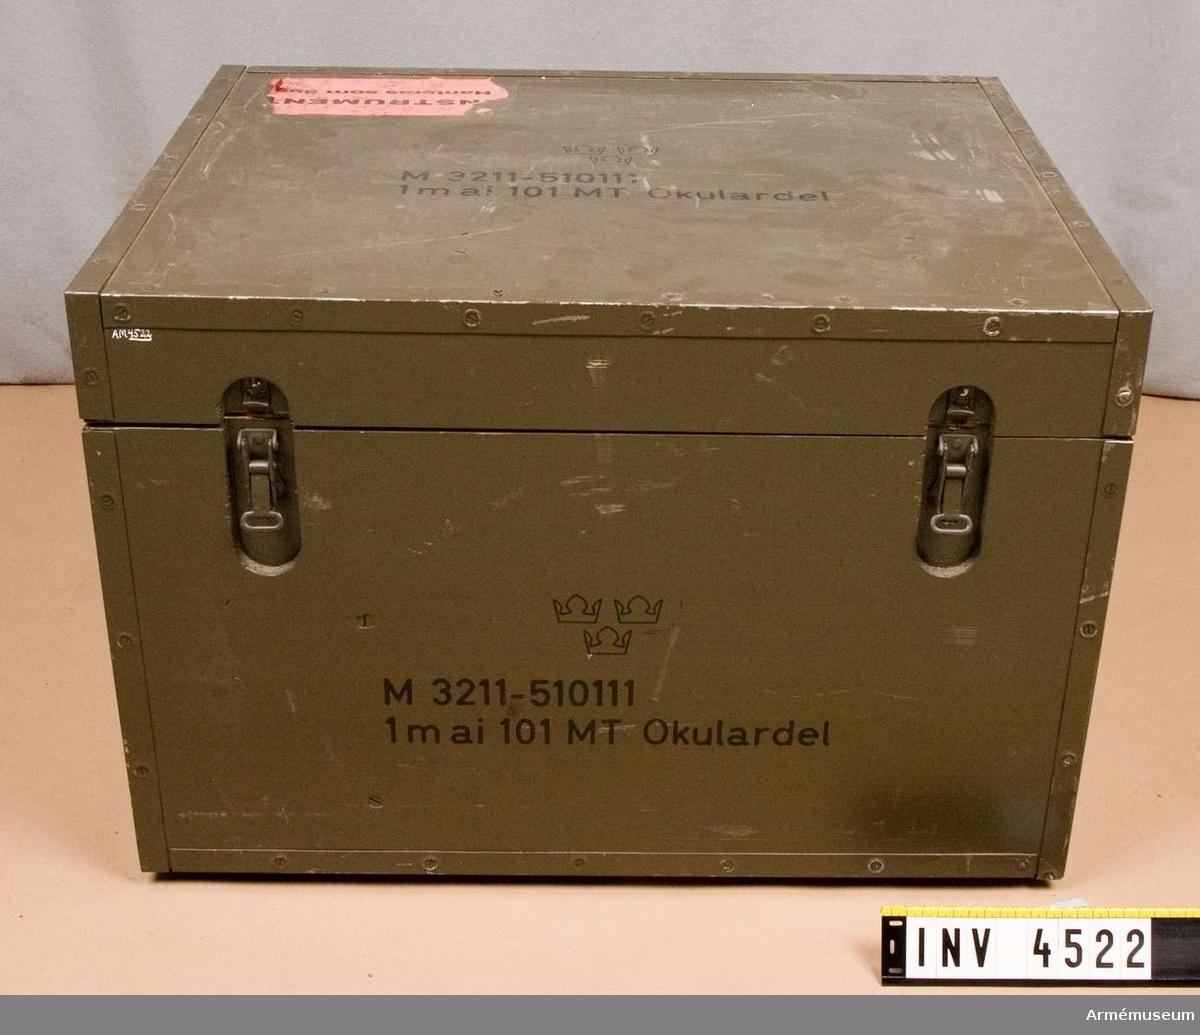 Samhörande nr är 4520-4522.Transportlåda.Till 1 m avståndsinstrument 101 (M 3211-510111), okulardel och bärarm. Består av: 1 transportlåda, 4 solskydd, 2 ögonmusslor, 1 nyckel f torkpatron, 4 glödlampor, 1 kabel, 1 putsduk, 1 pensel, 10 påsar m torkmedel, 2 torkpatroner.